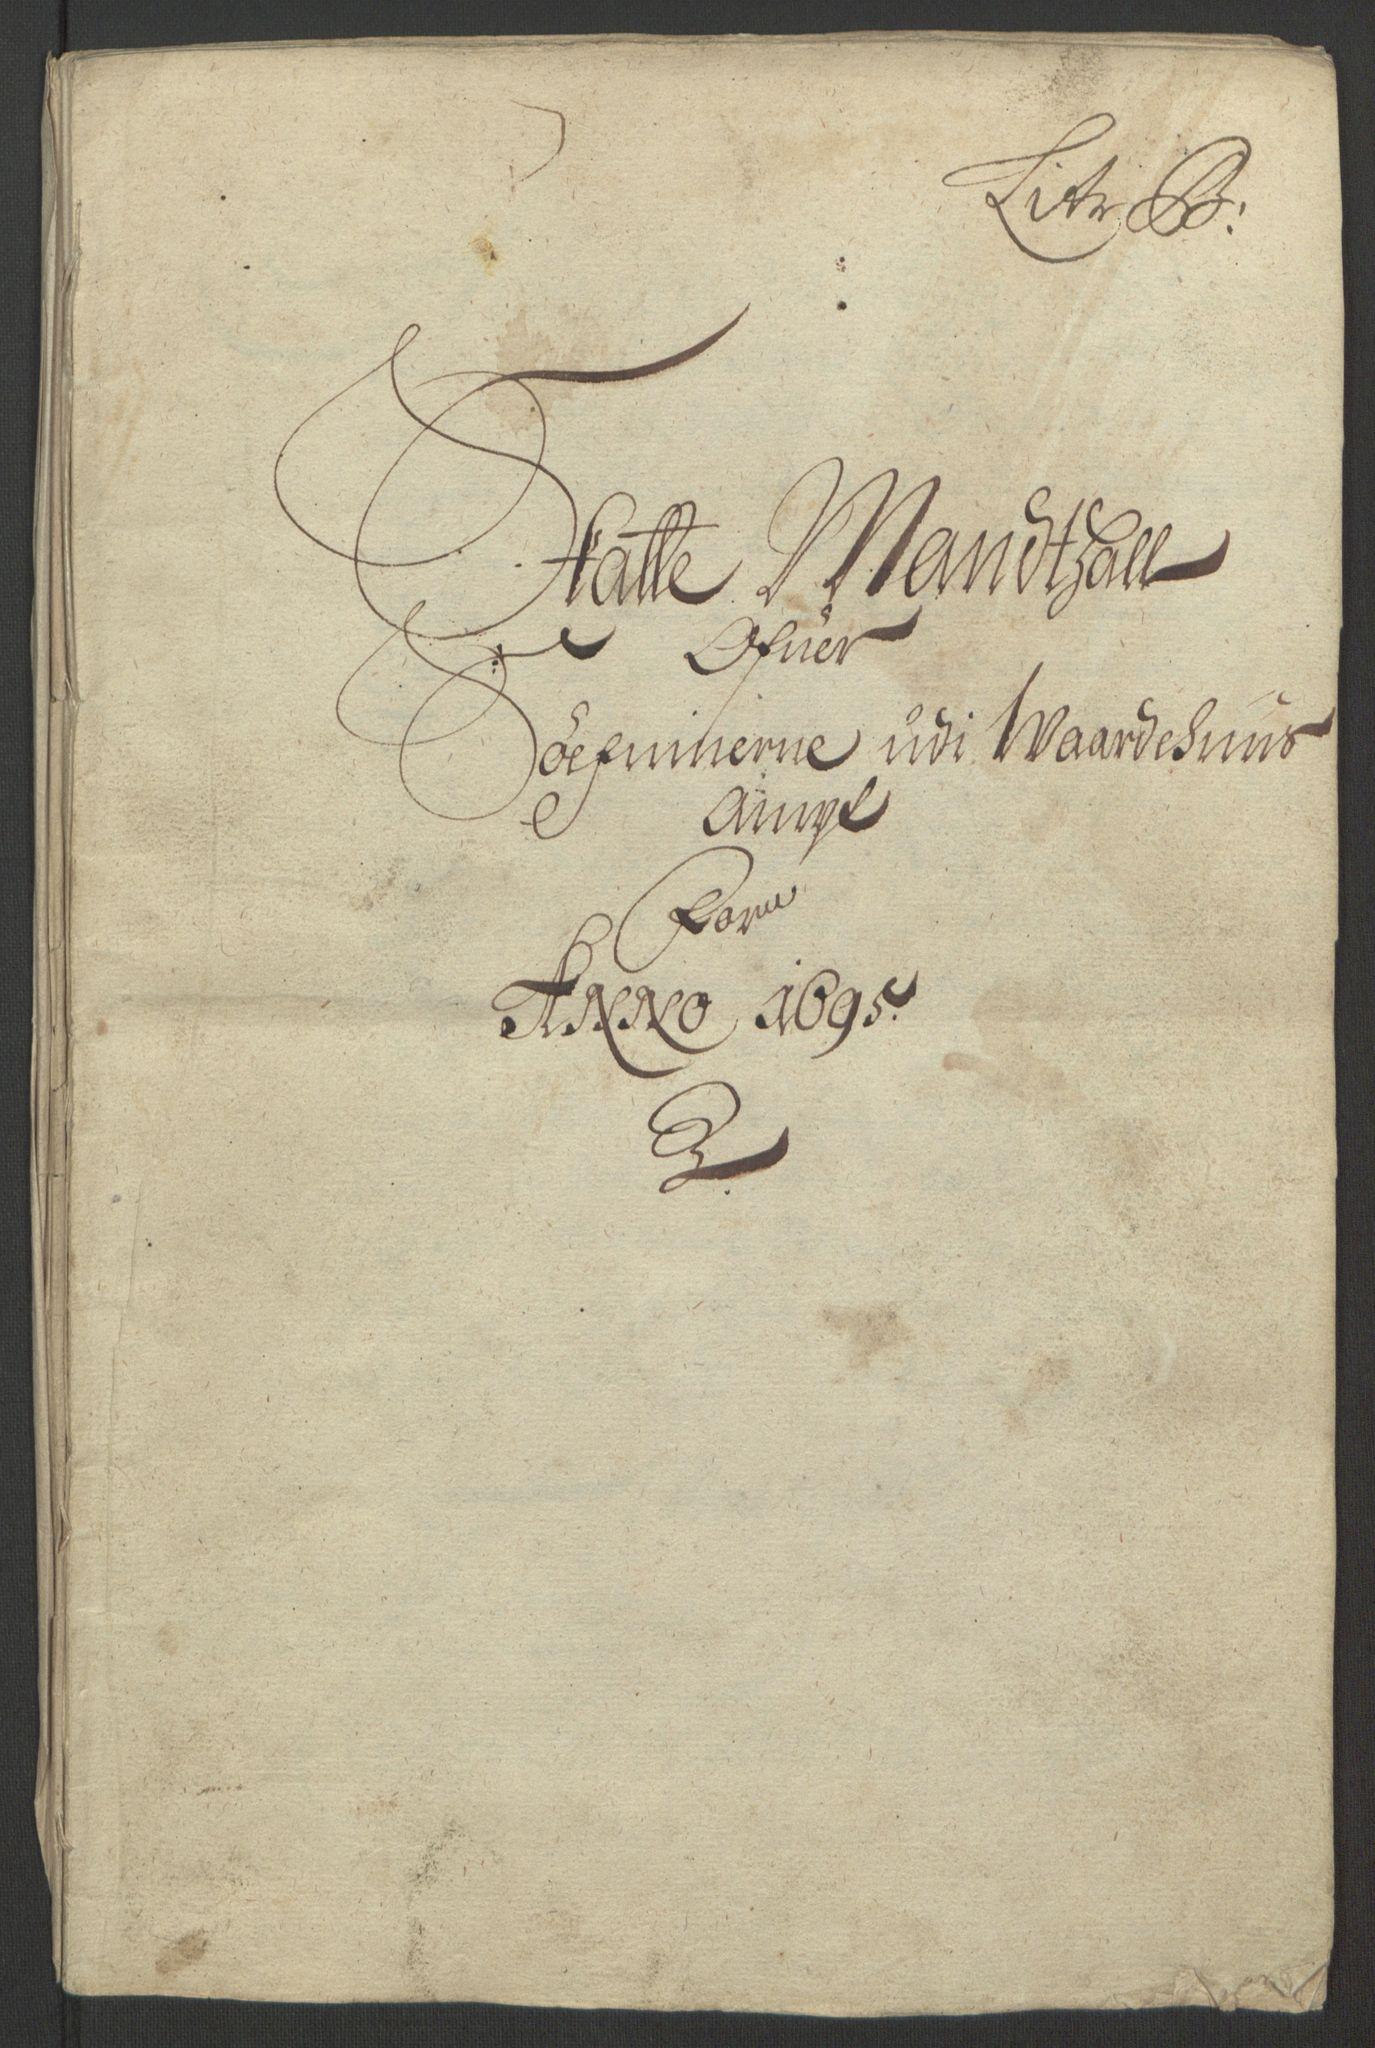 RA, Rentekammeret inntil 1814, Reviderte regnskaper, Fogderegnskap, R69/L4851: Fogderegnskap Finnmark/Vardøhus, 1691-1700, s. 239